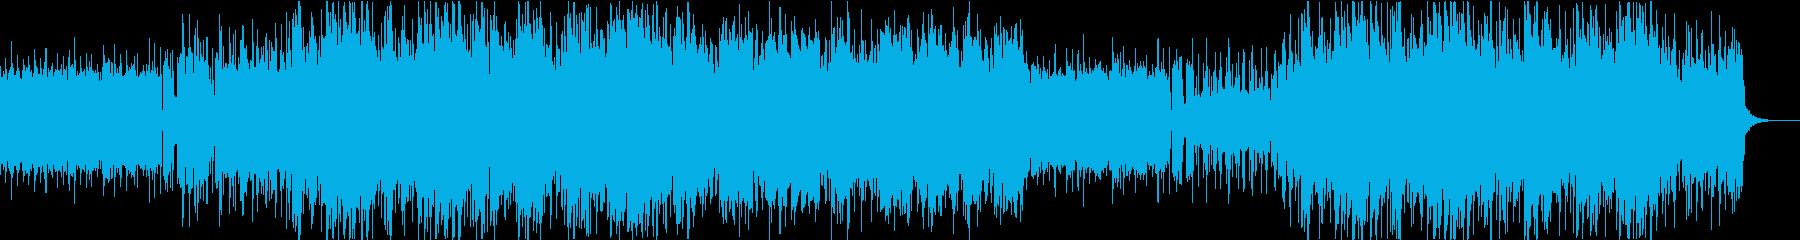 スムーズジャズ。アメリカ西海岸の音...の再生済みの波形